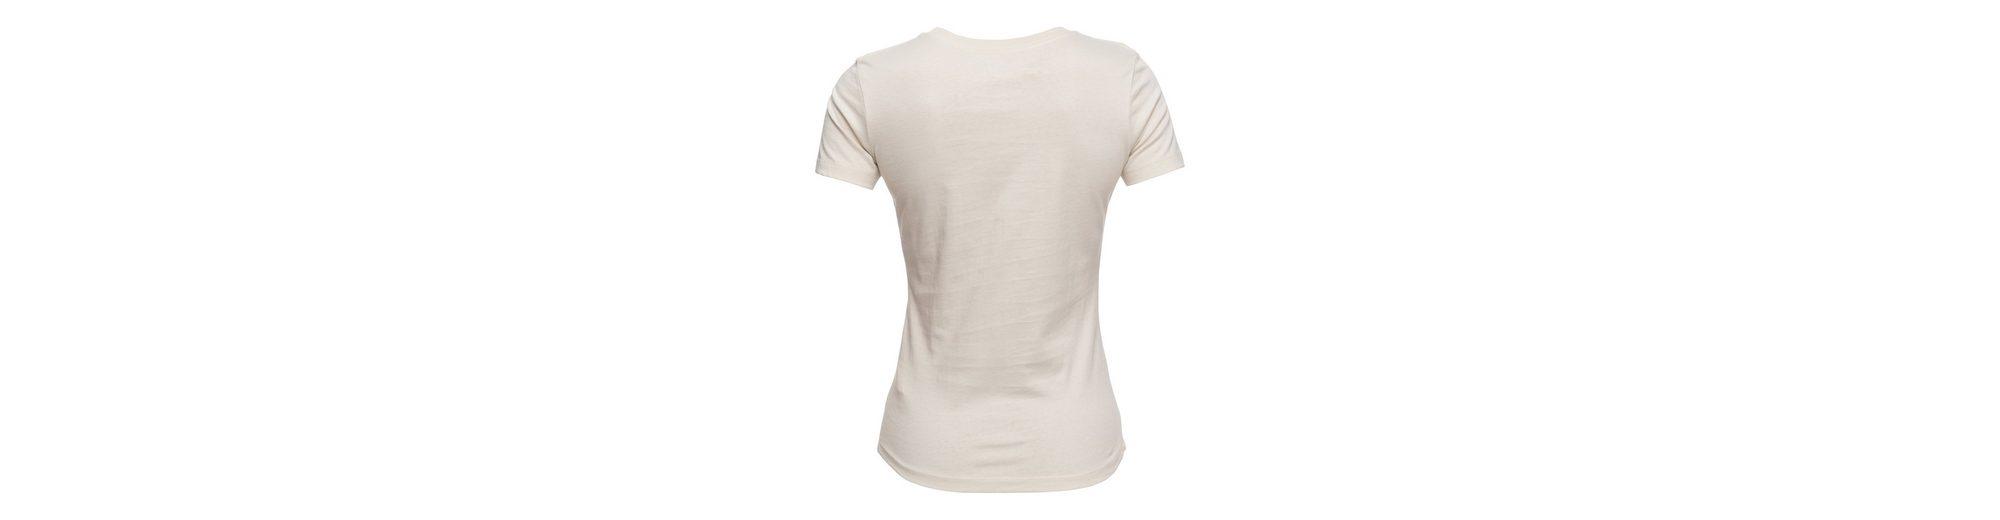 DC Shoes T-Shirt Star Limitierte Auflage Online-Verkauf Verkauf Gut Verkaufen Online Billigsten Freies Verschiffen Countdown-Paket Größte Anbieter Günstiger Preis 8hRMP8